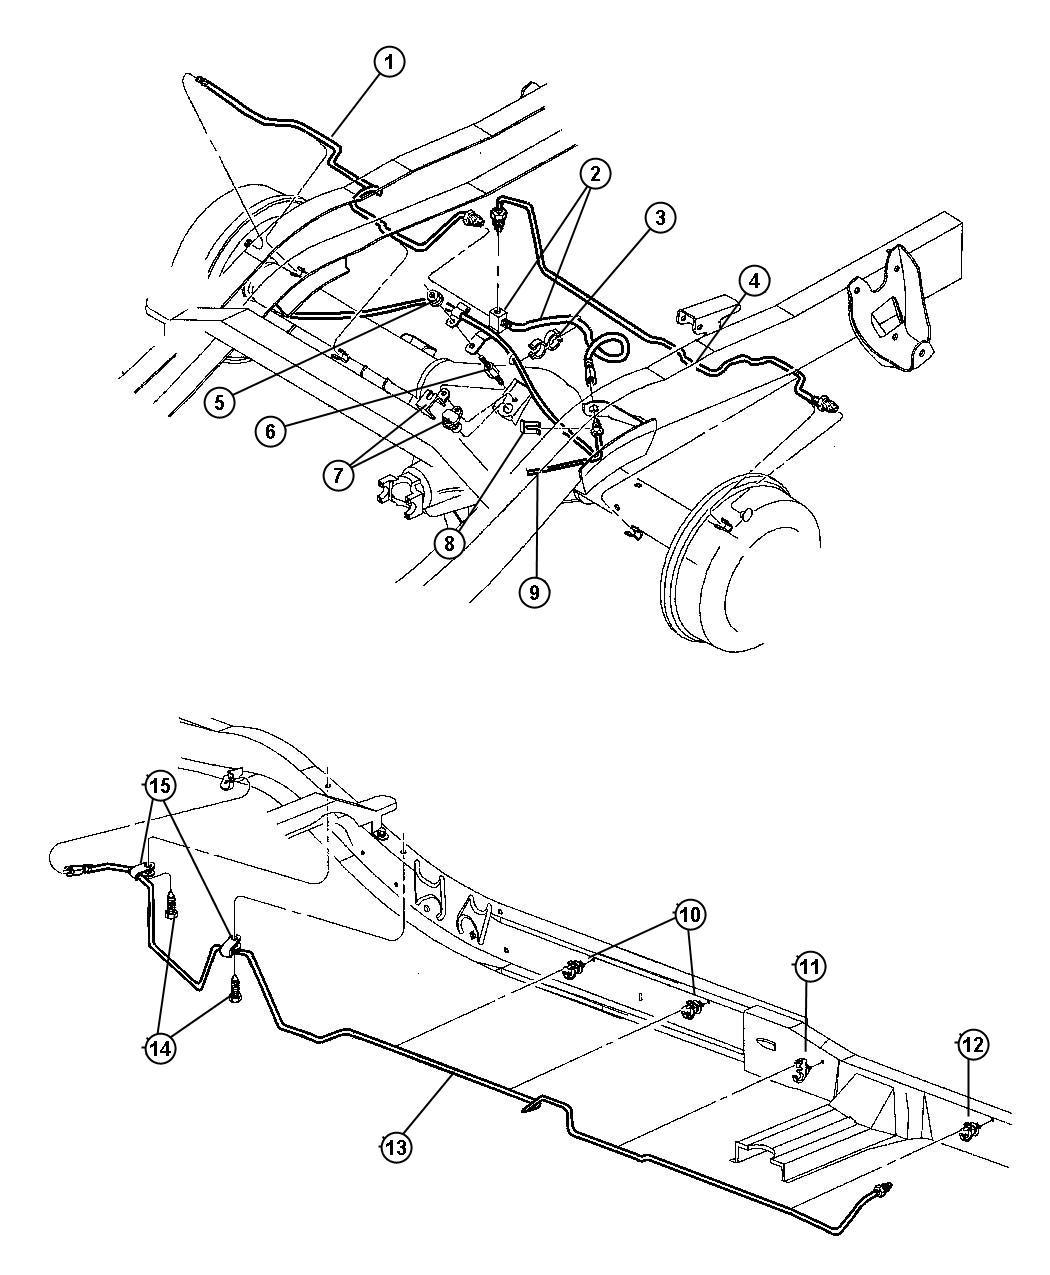 I on 1998 Dodge Dakota Rear Brake Diagram